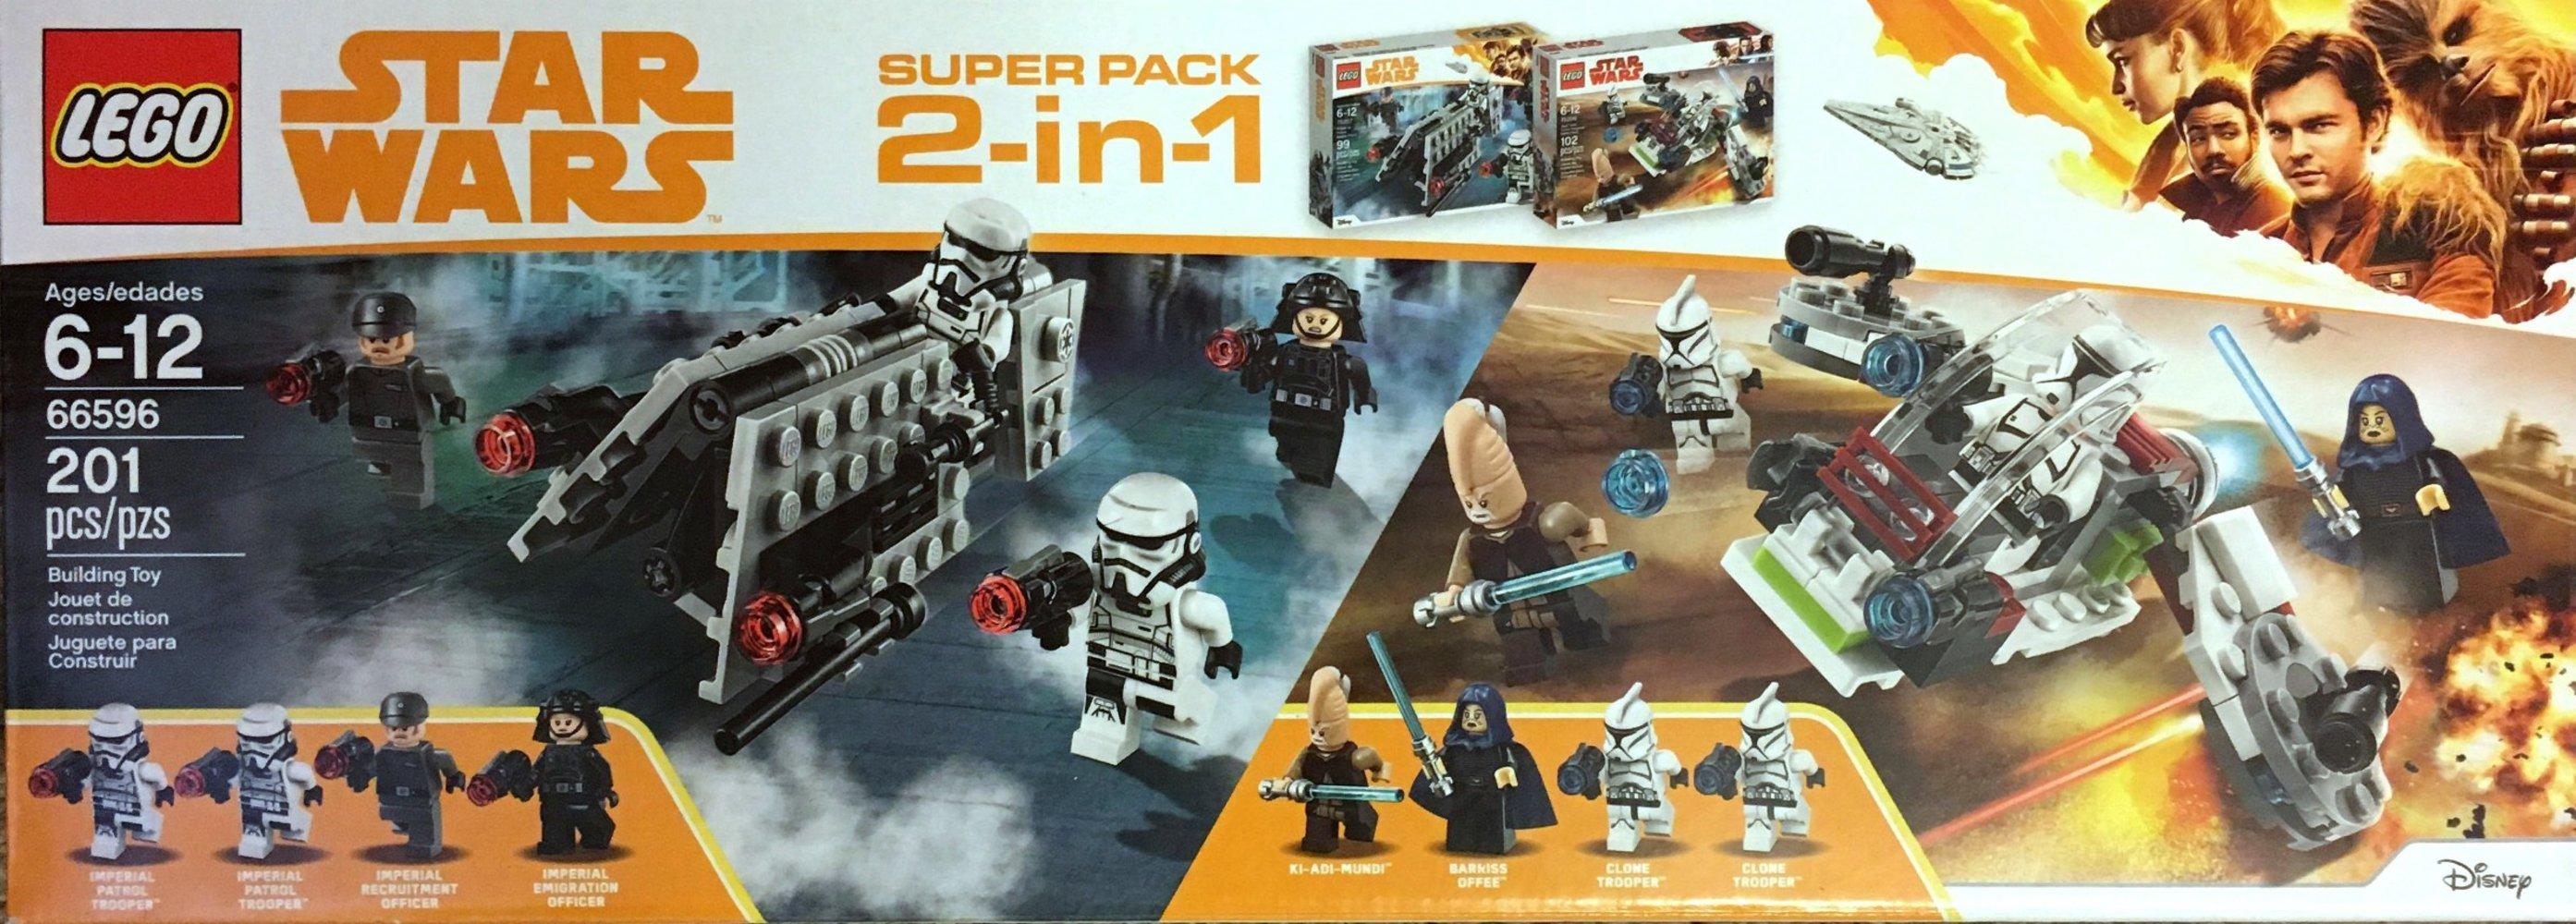 Super Pack 2-in-1